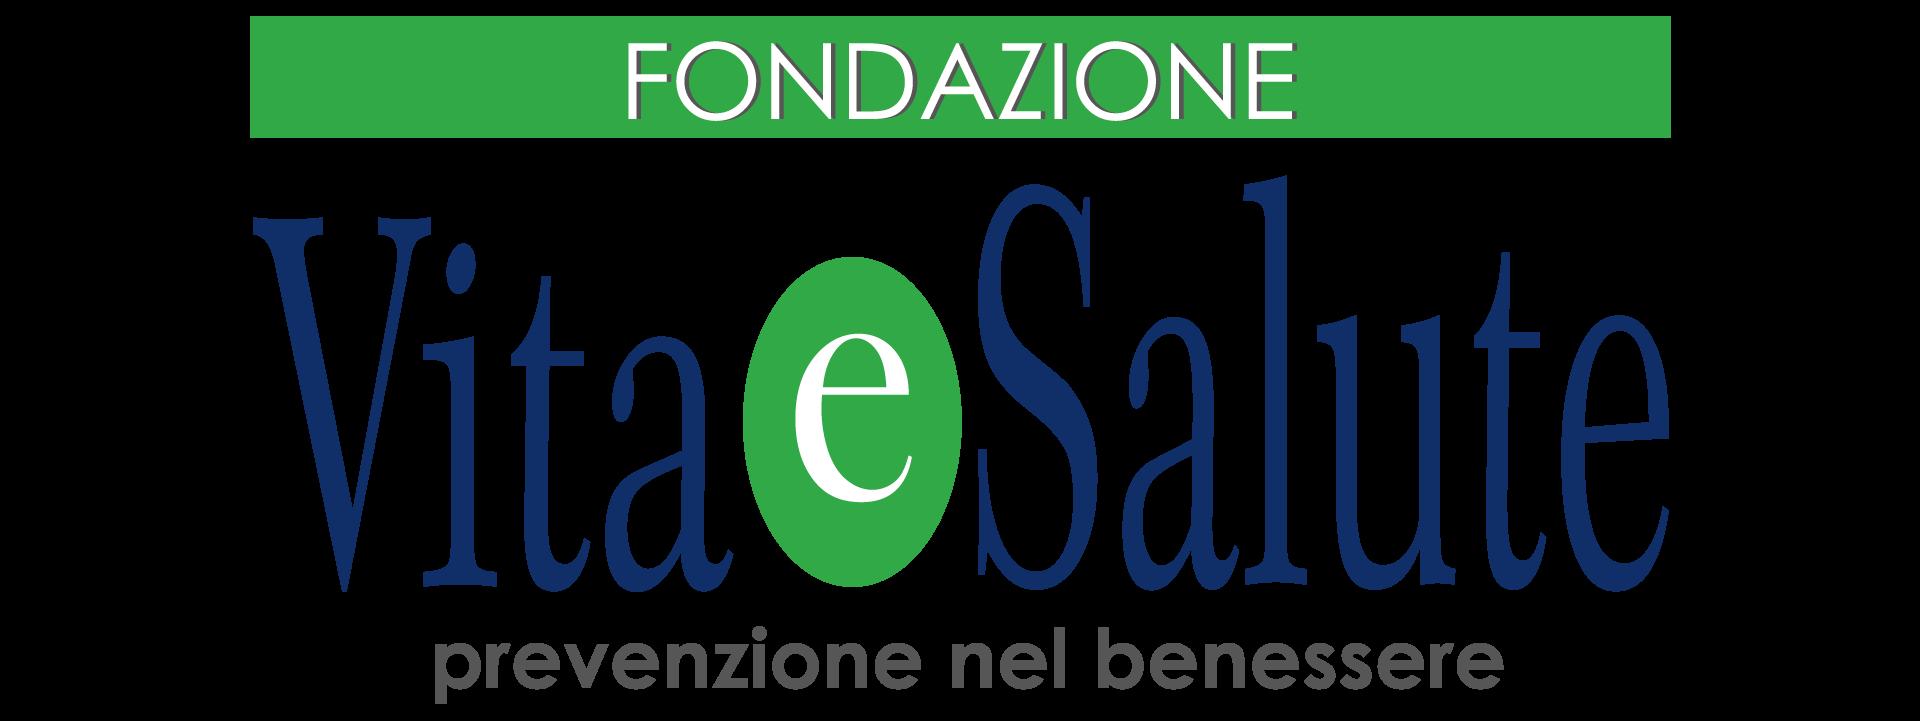 Fondazione Vita E Salute